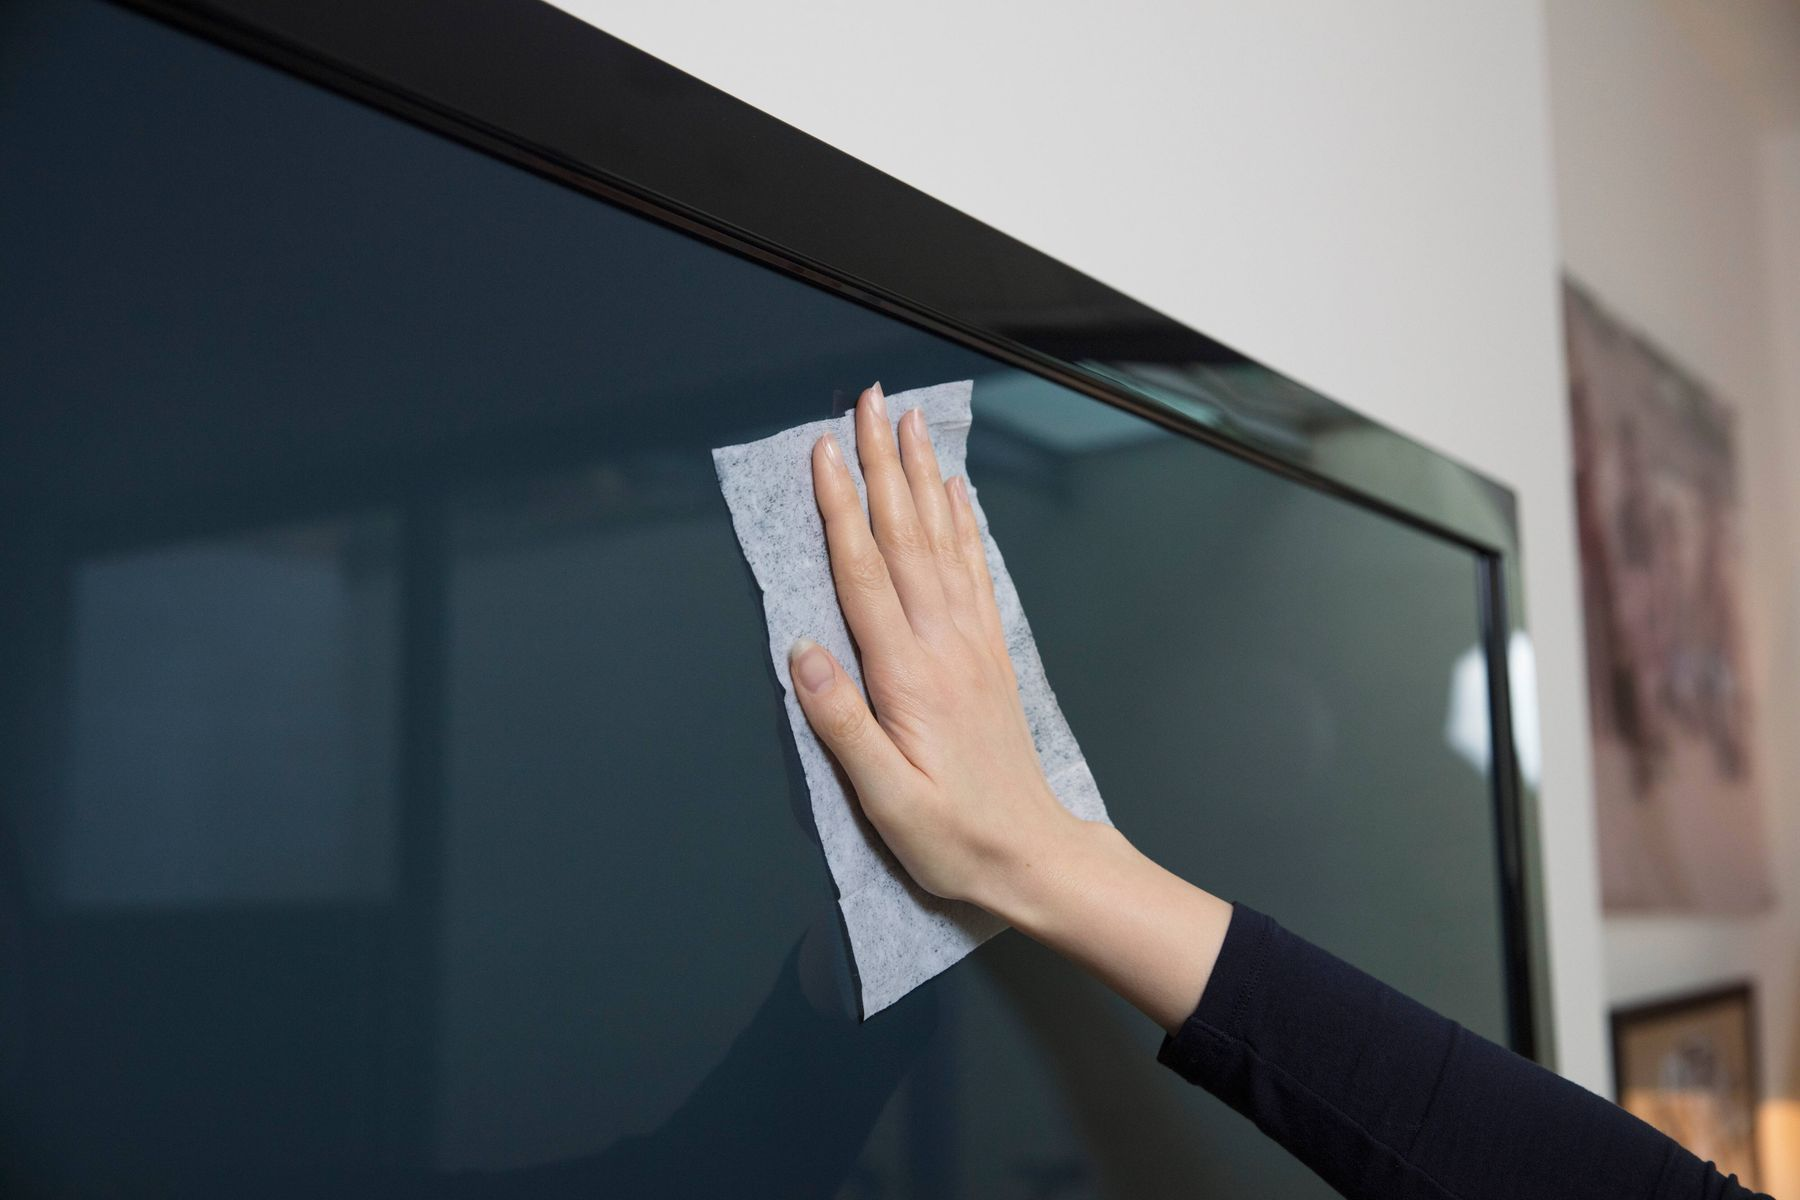 Pessoa passando um pano branco em cima de uma tela de tv